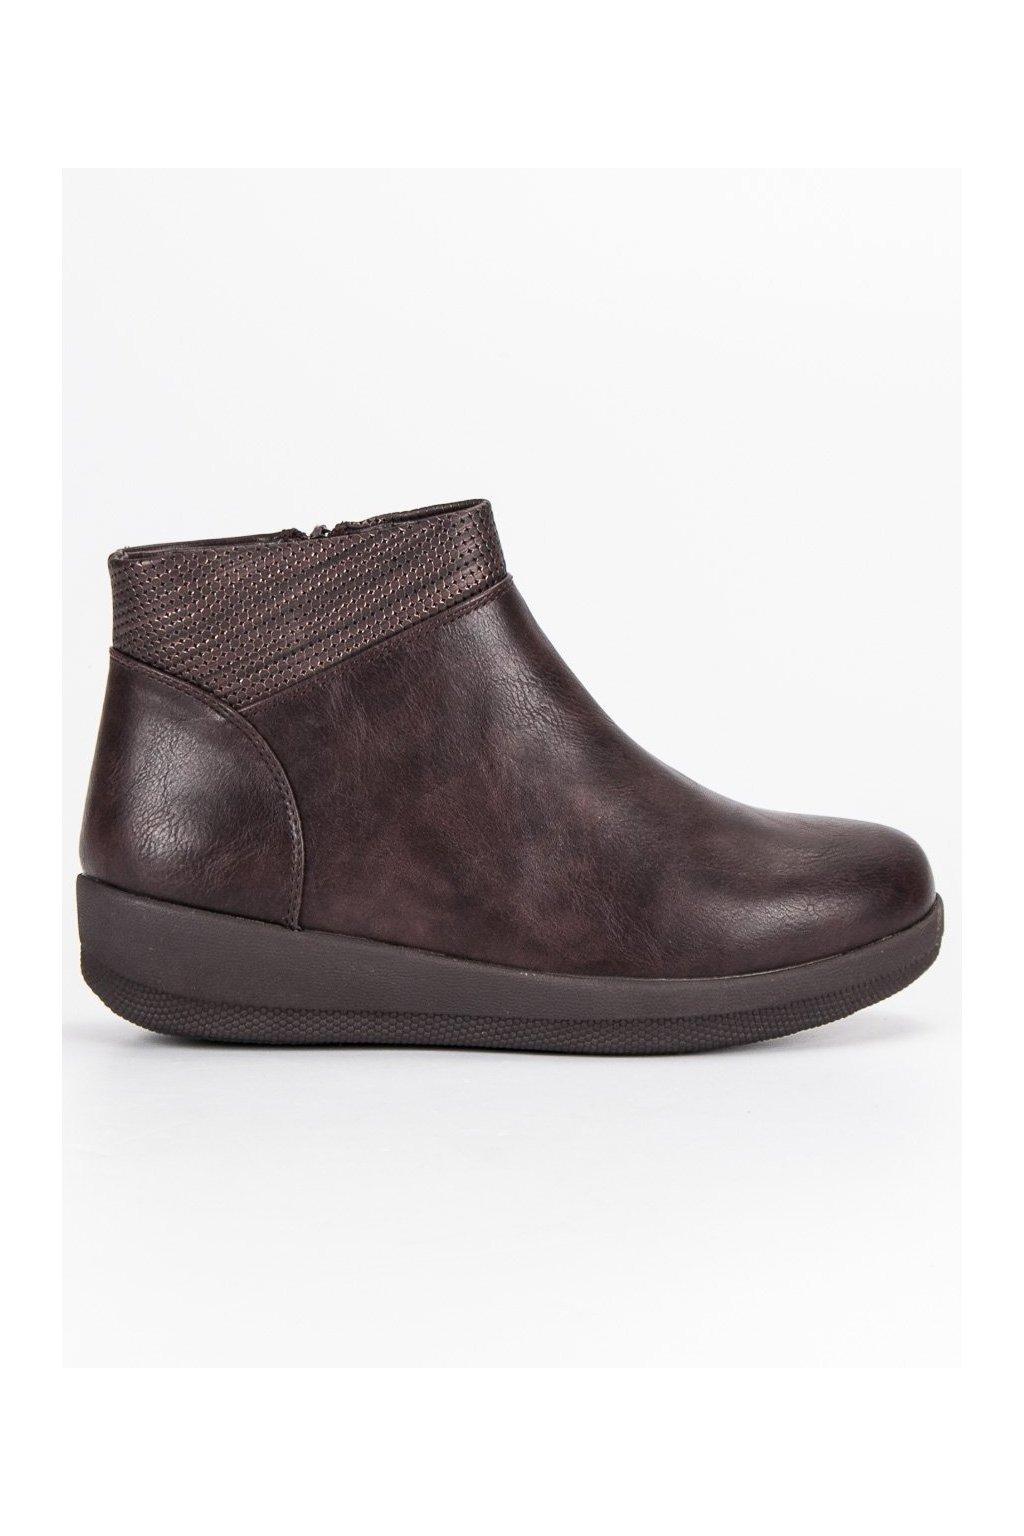 6b1d5f852b472 Dámske hnedé jesenné topánky Kylie